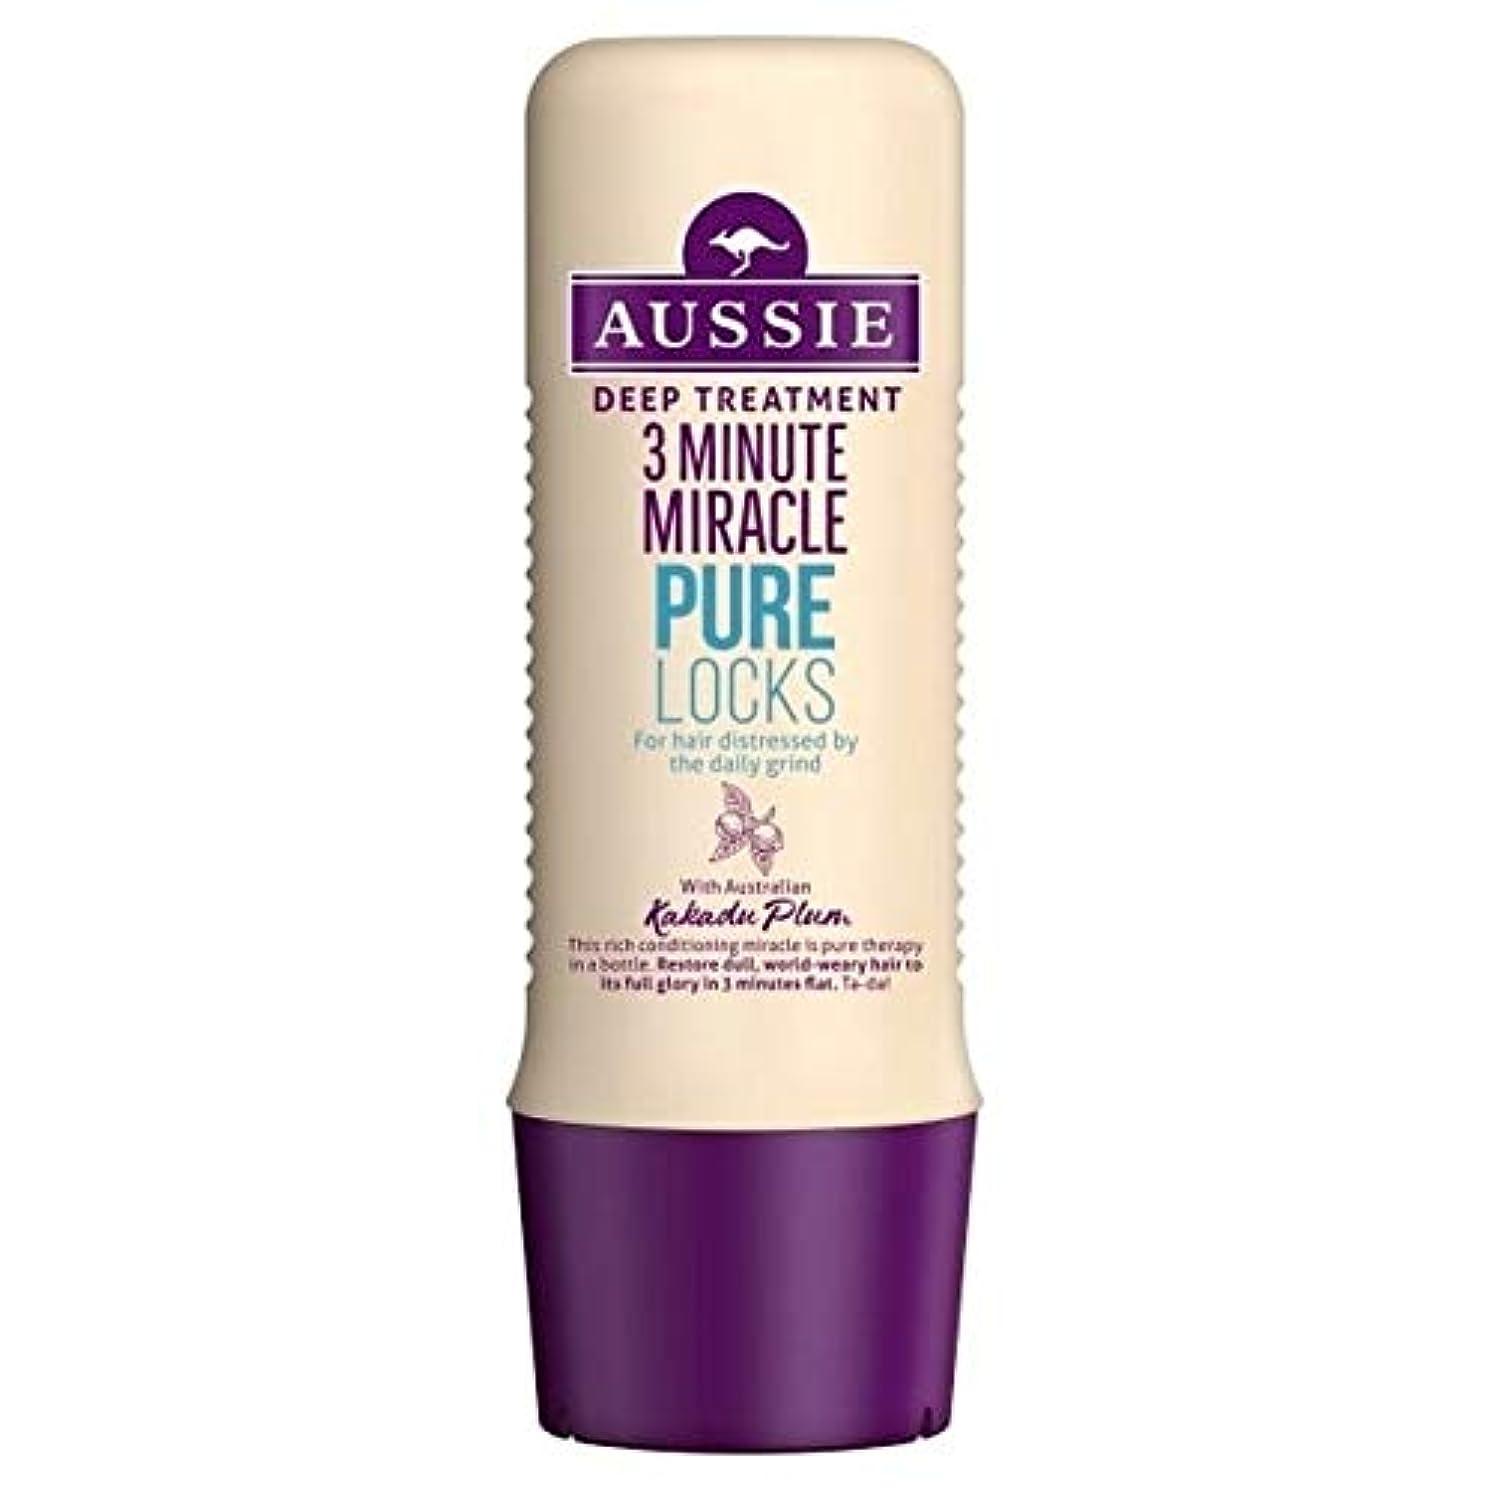 経歴同一性法王[Aussie ] オーストラリアの純粋なロック3分の奇跡の250ミリリットル - Aussie Pure Locks 3 Minute Miracle 250ml [並行輸入品]